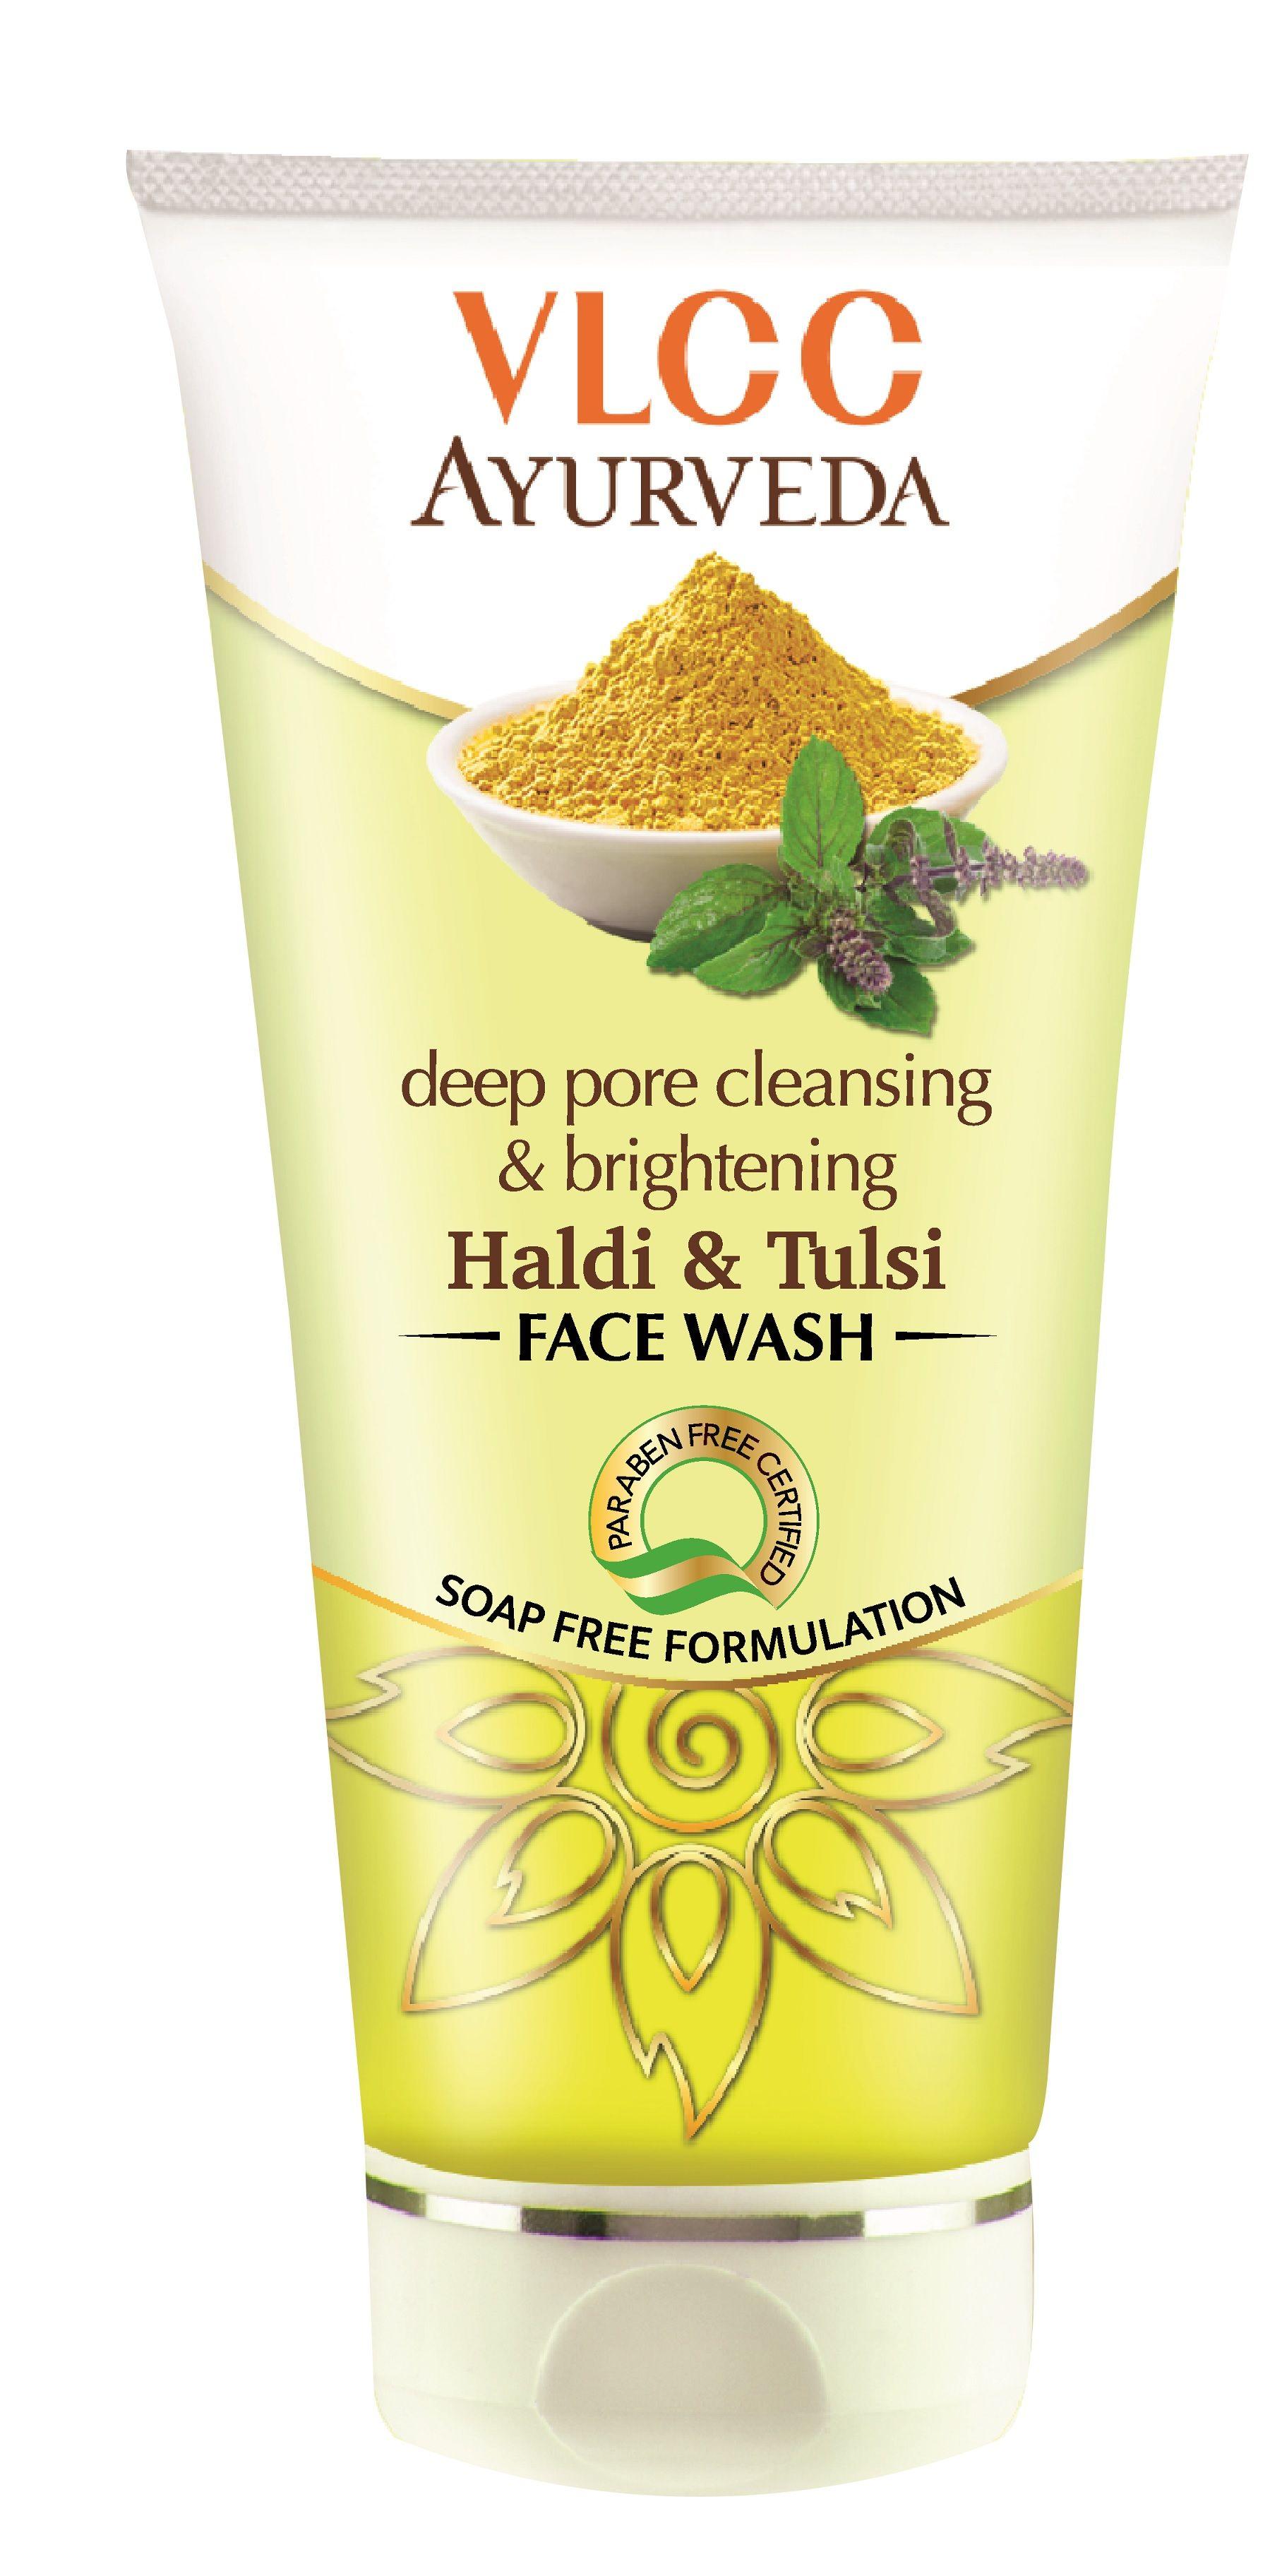 Buy VLCC Ayurveda Deep Pore Cleansing & Brightening Haldi